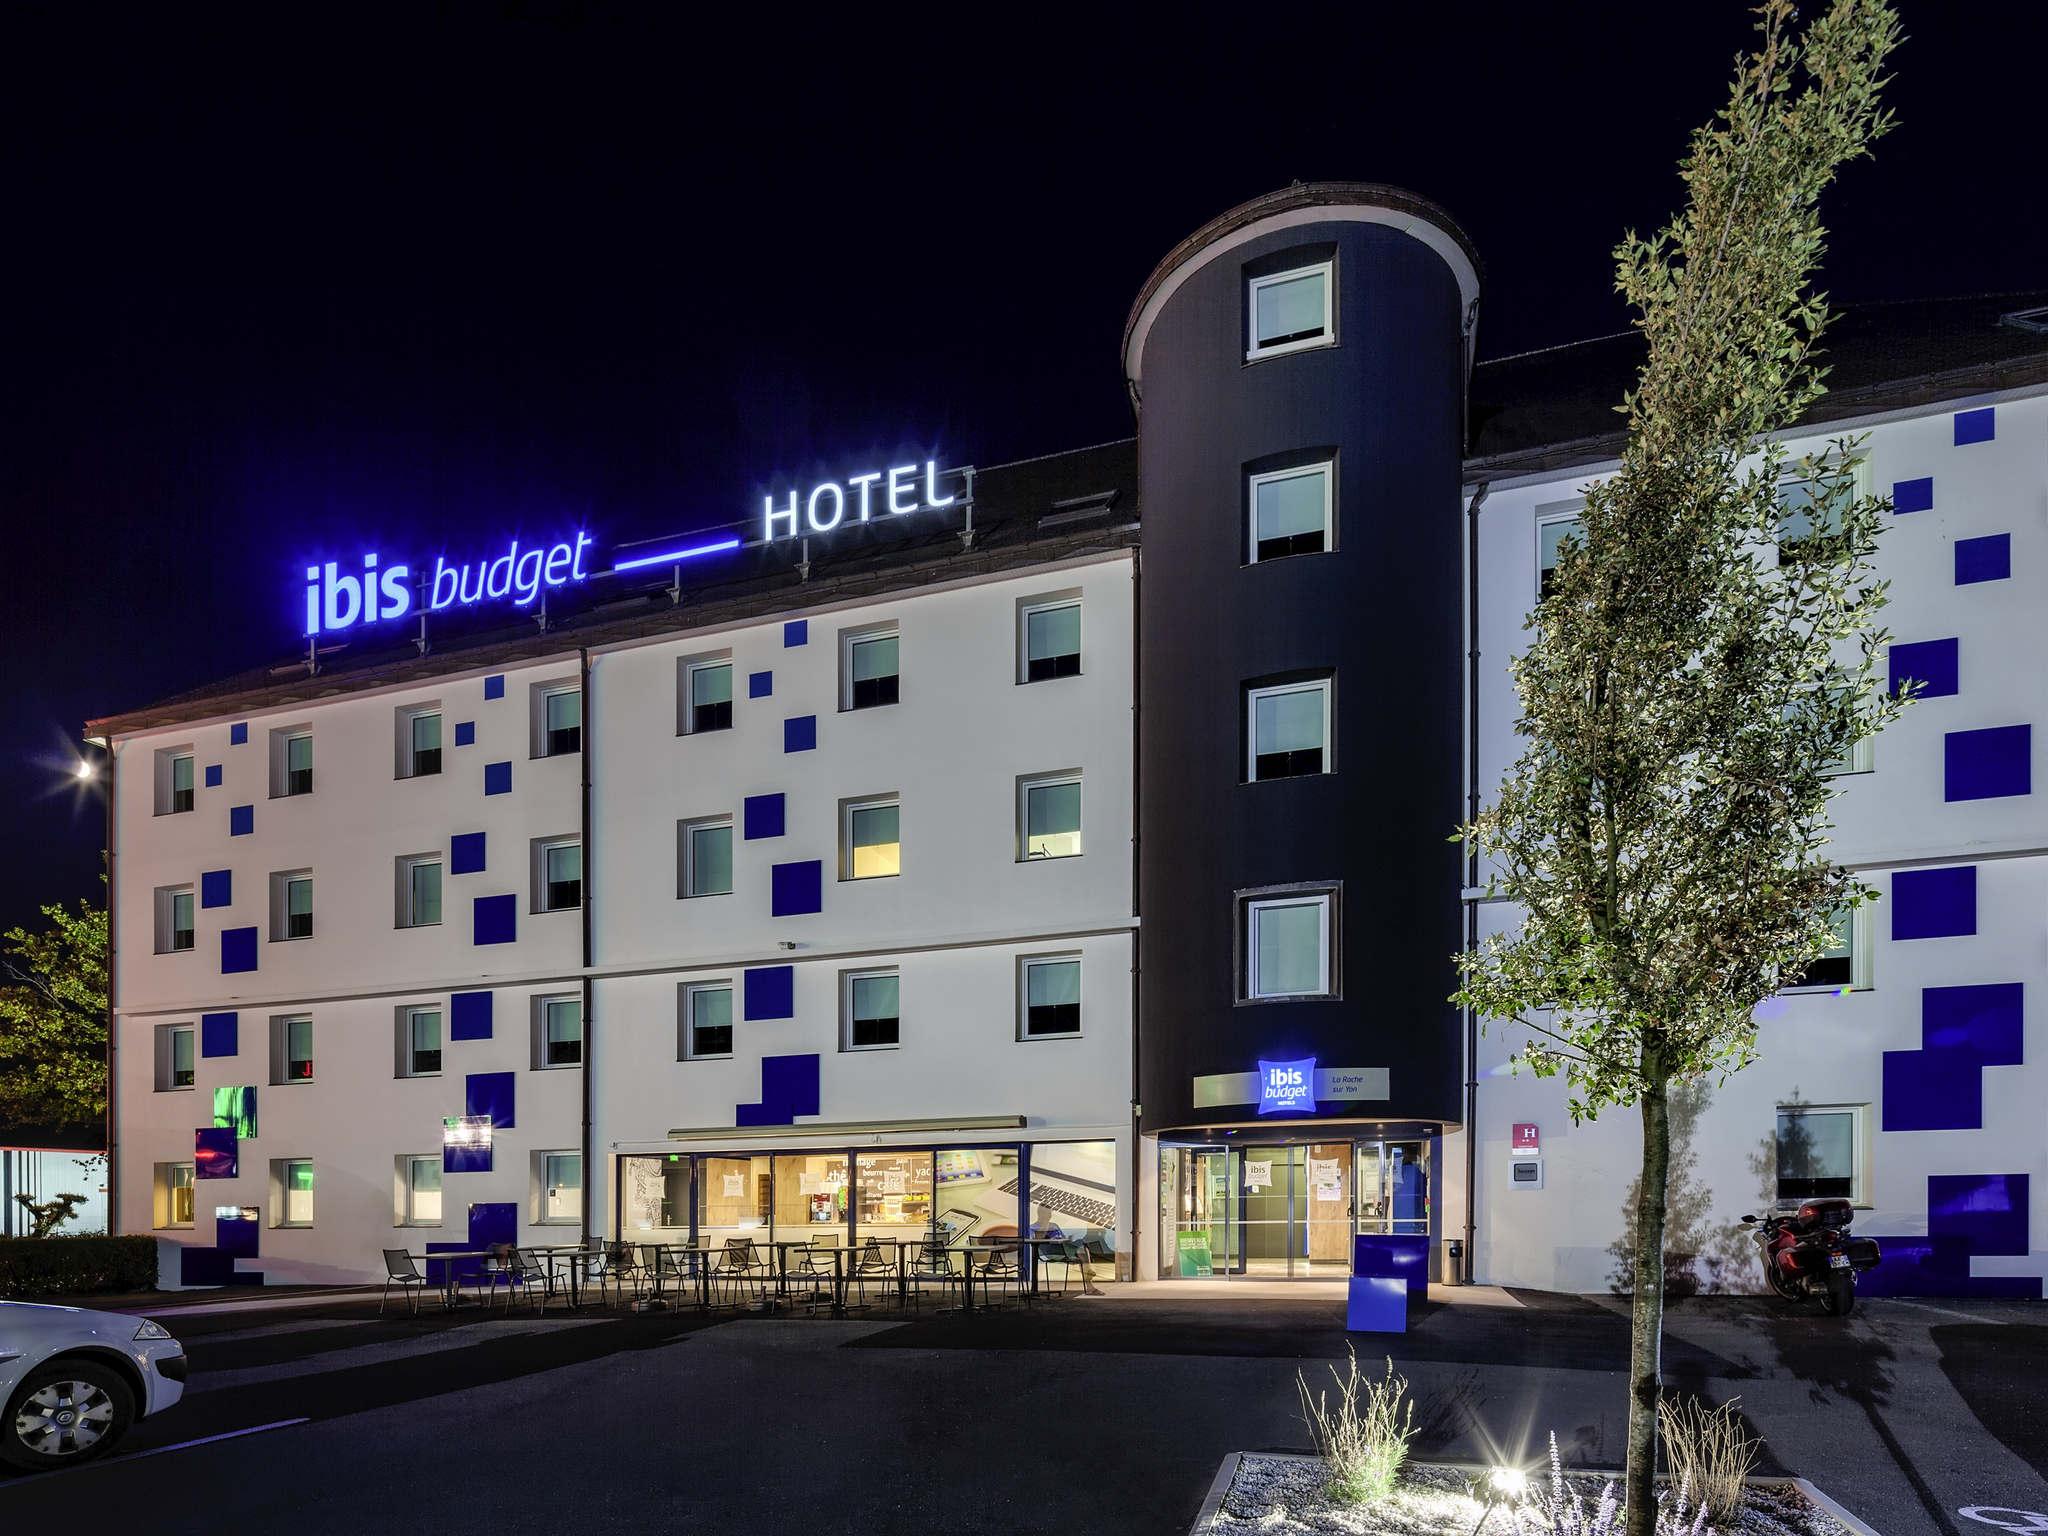 Hotel – ibis budget La Roche-sur-Yon